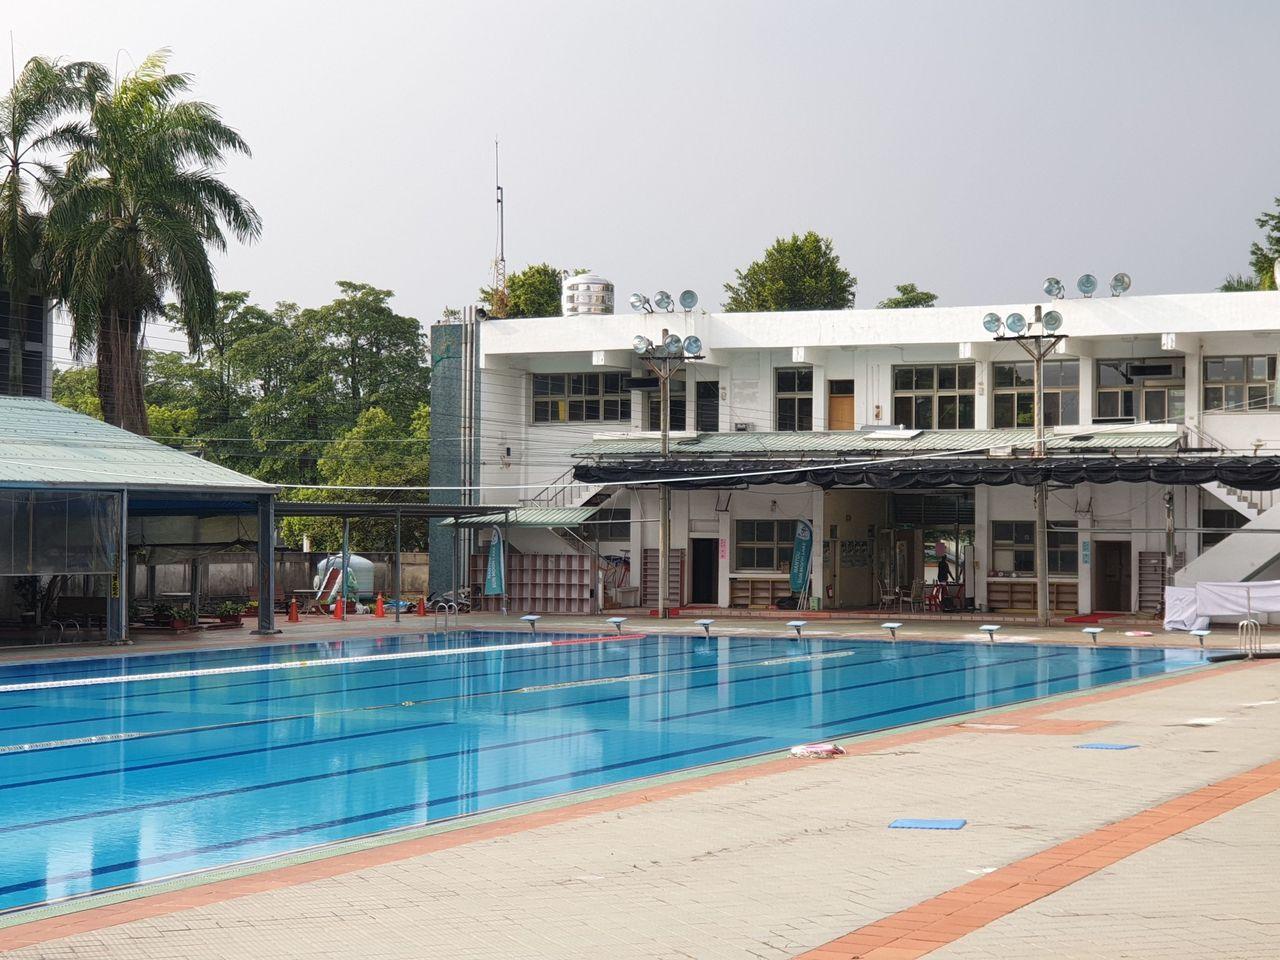 南投縣草屯鎮立游泳池近期遭得標商棄標,被迫在暑假旺季暫停營運,公所完成整理,明起...